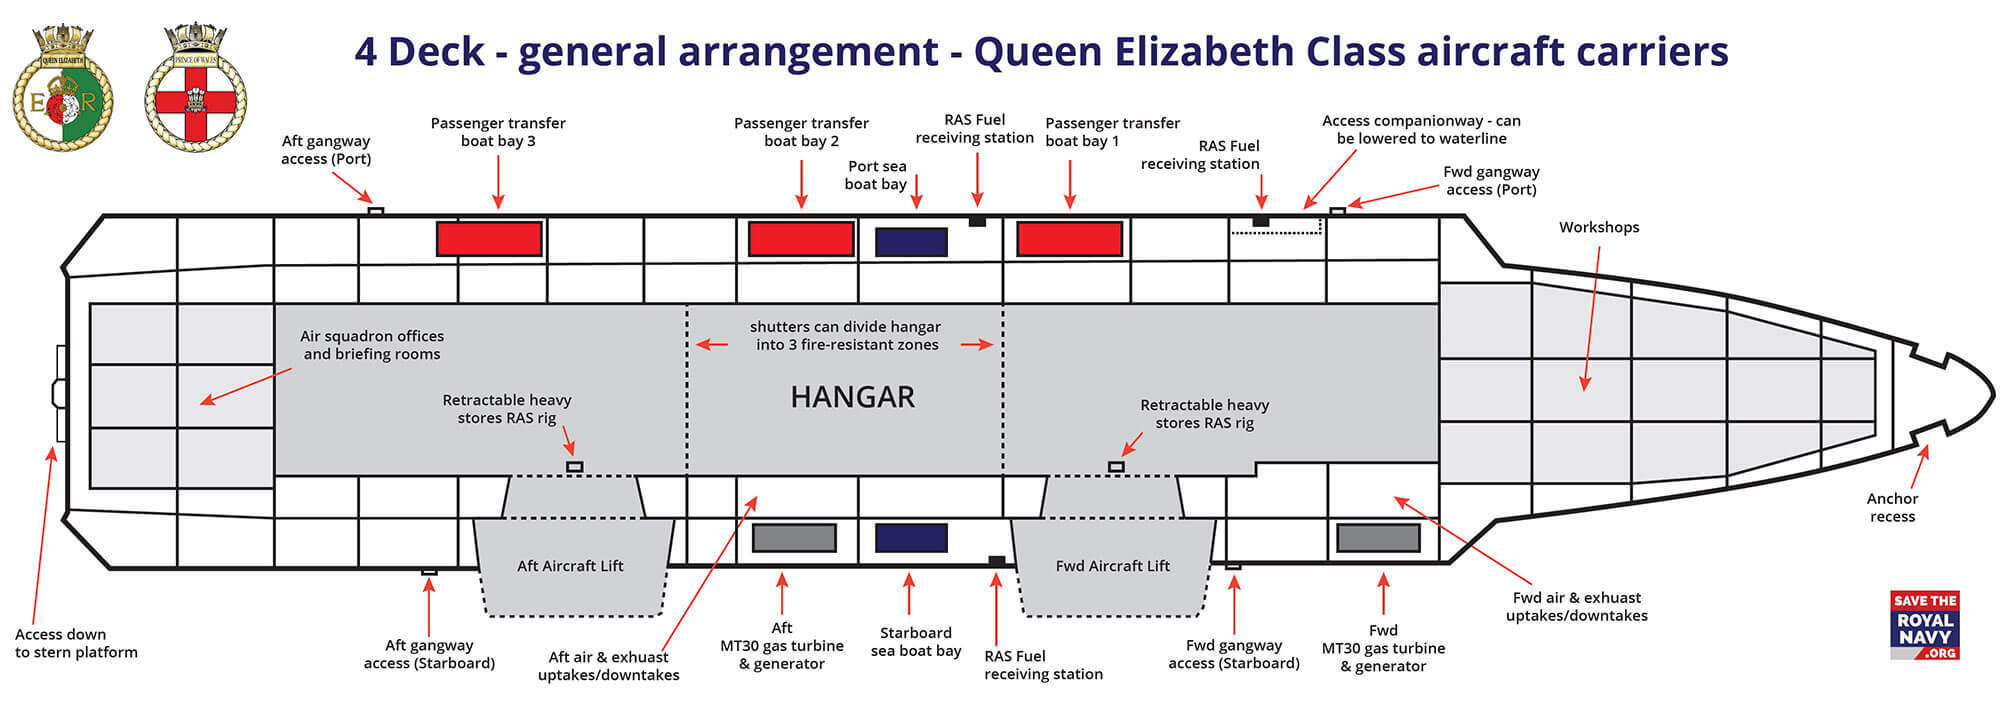 Qeen Elizabeth class 4 deck